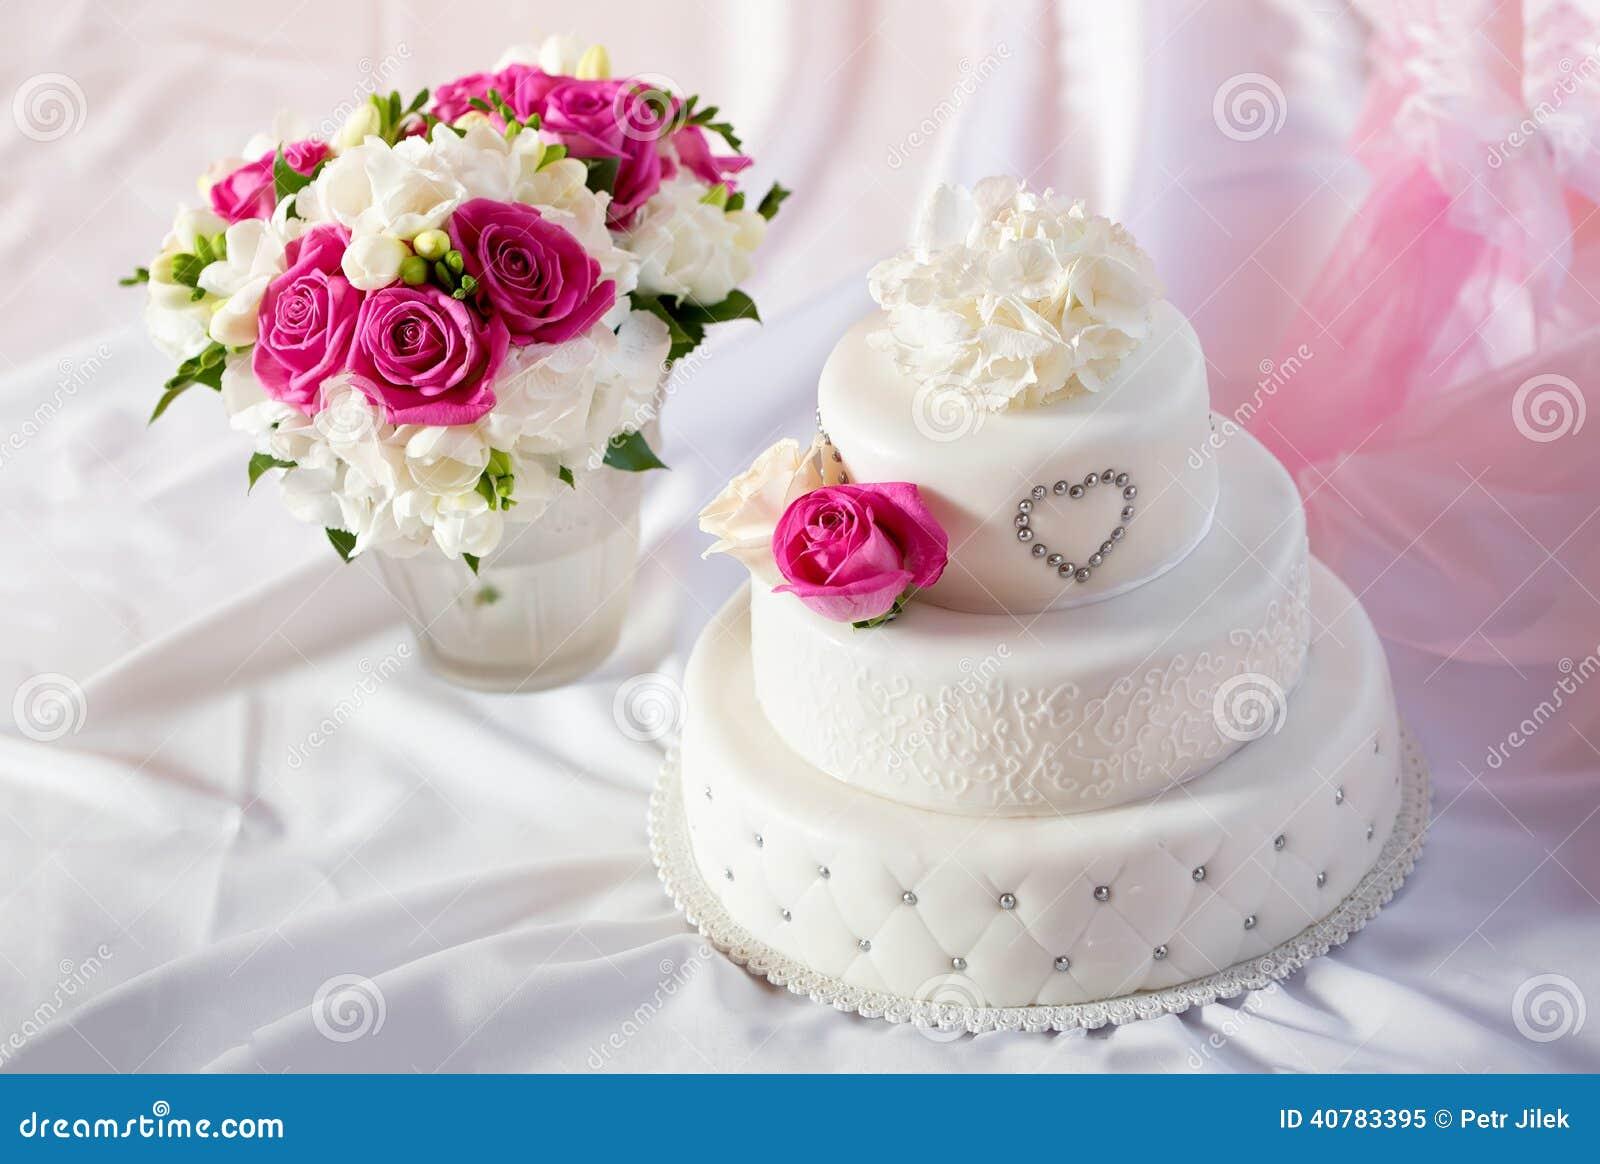 Pastel De Bodas: Pastel De Bodas Tradicional Con Las Flores Color De Rosa